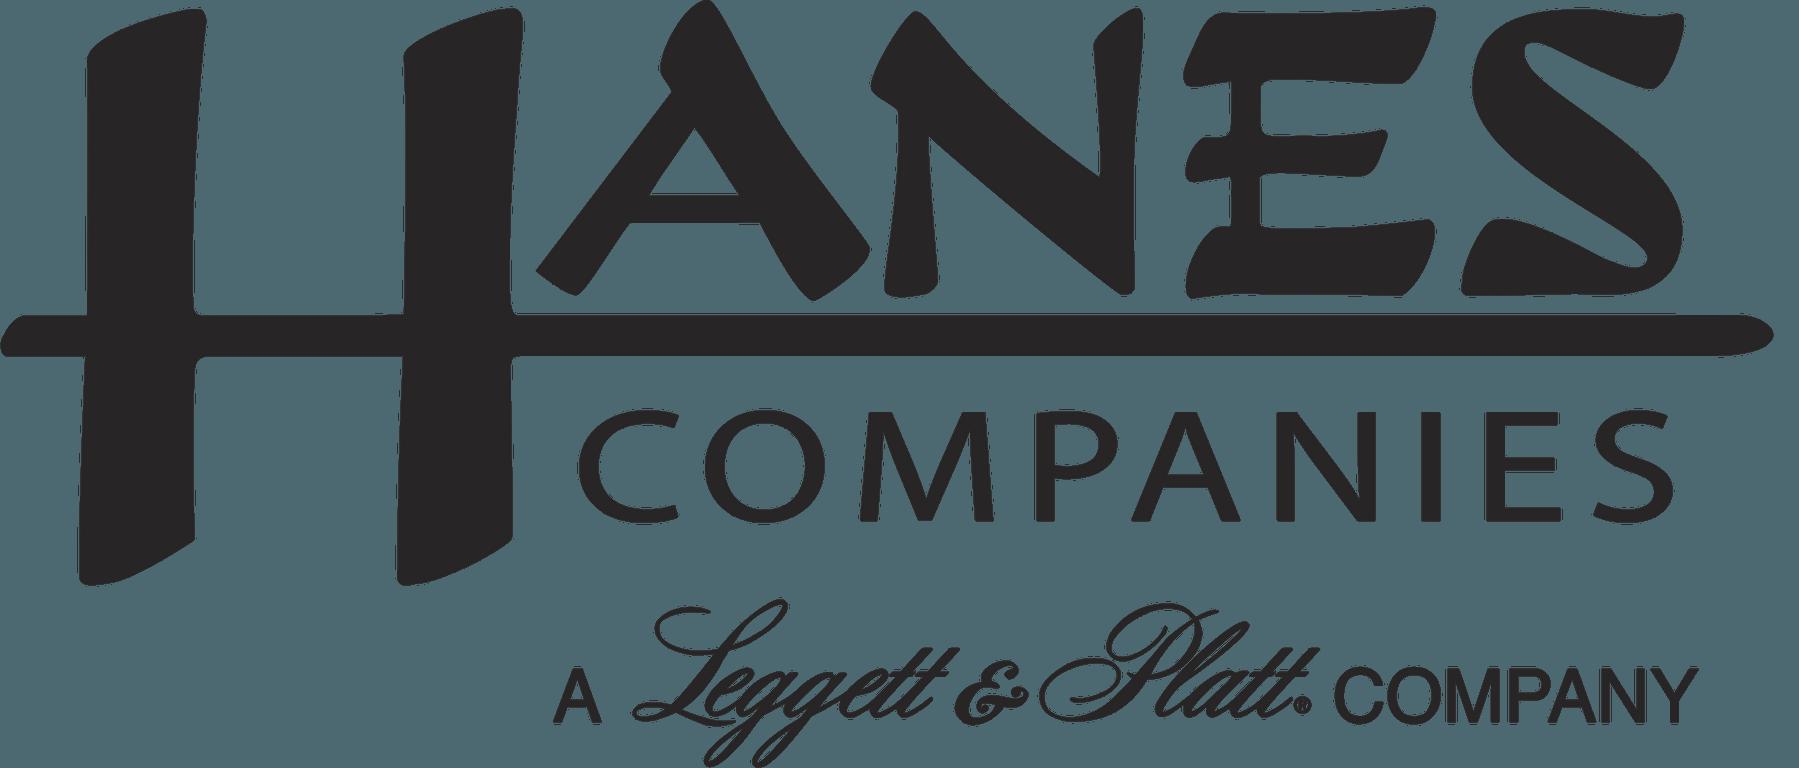 Hanes Industries - A Leggett & Platt Company